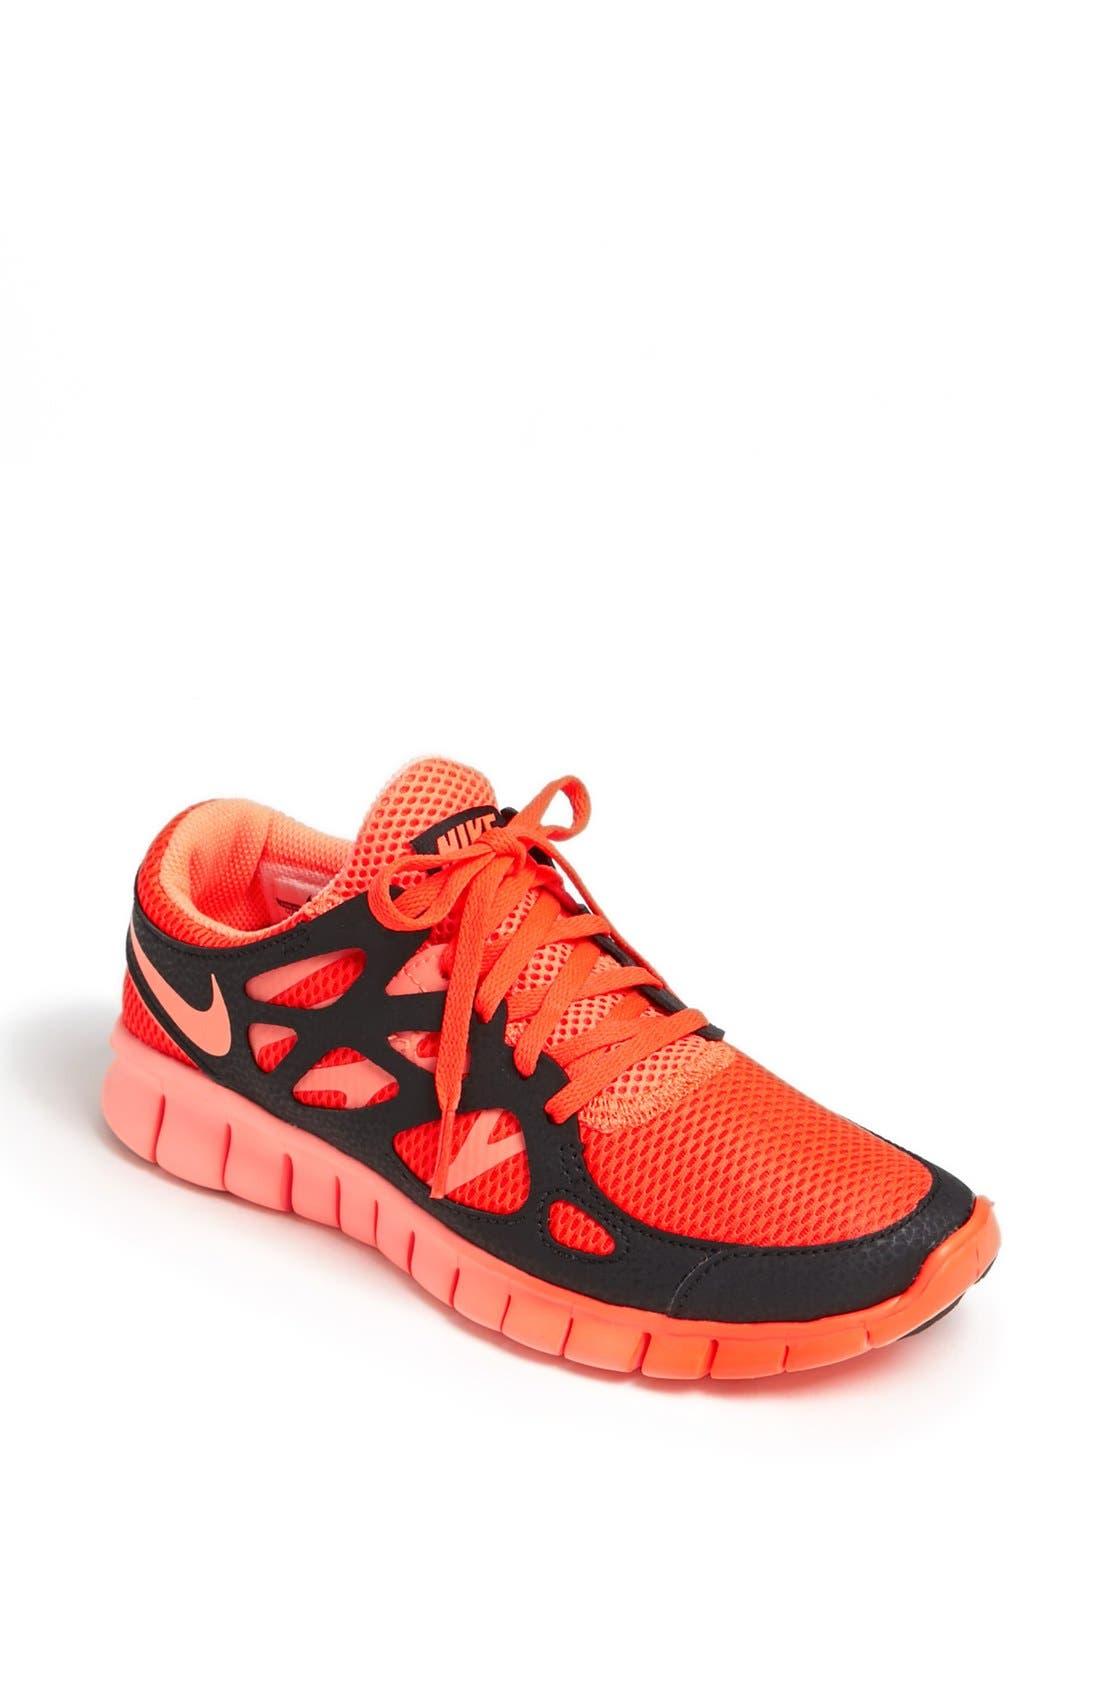 Main Image - Nike 'Free Run 2 EXT' Running Shoe (Women)